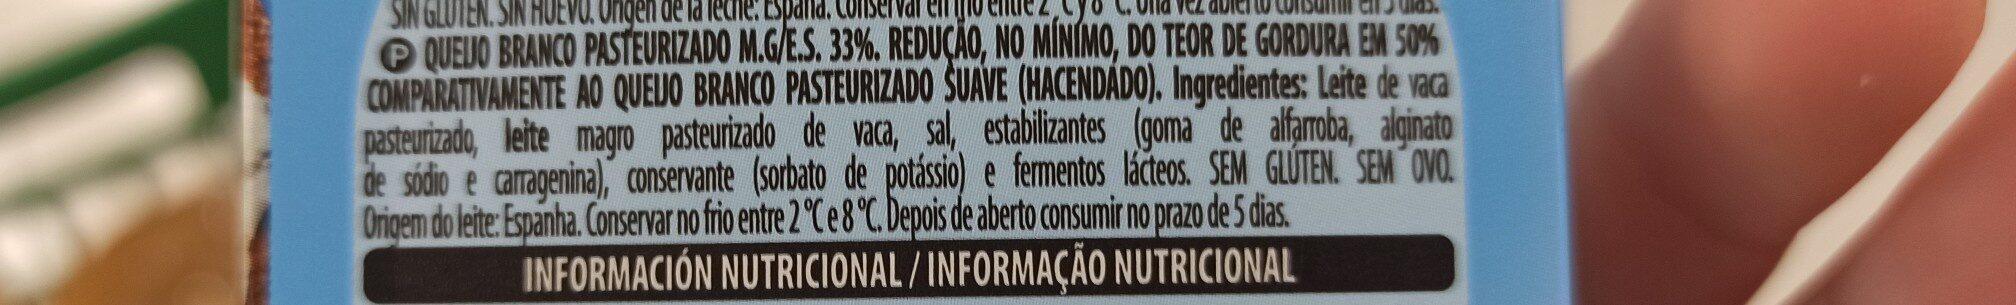 Queijo pasteurizado - Ingredienti - pt